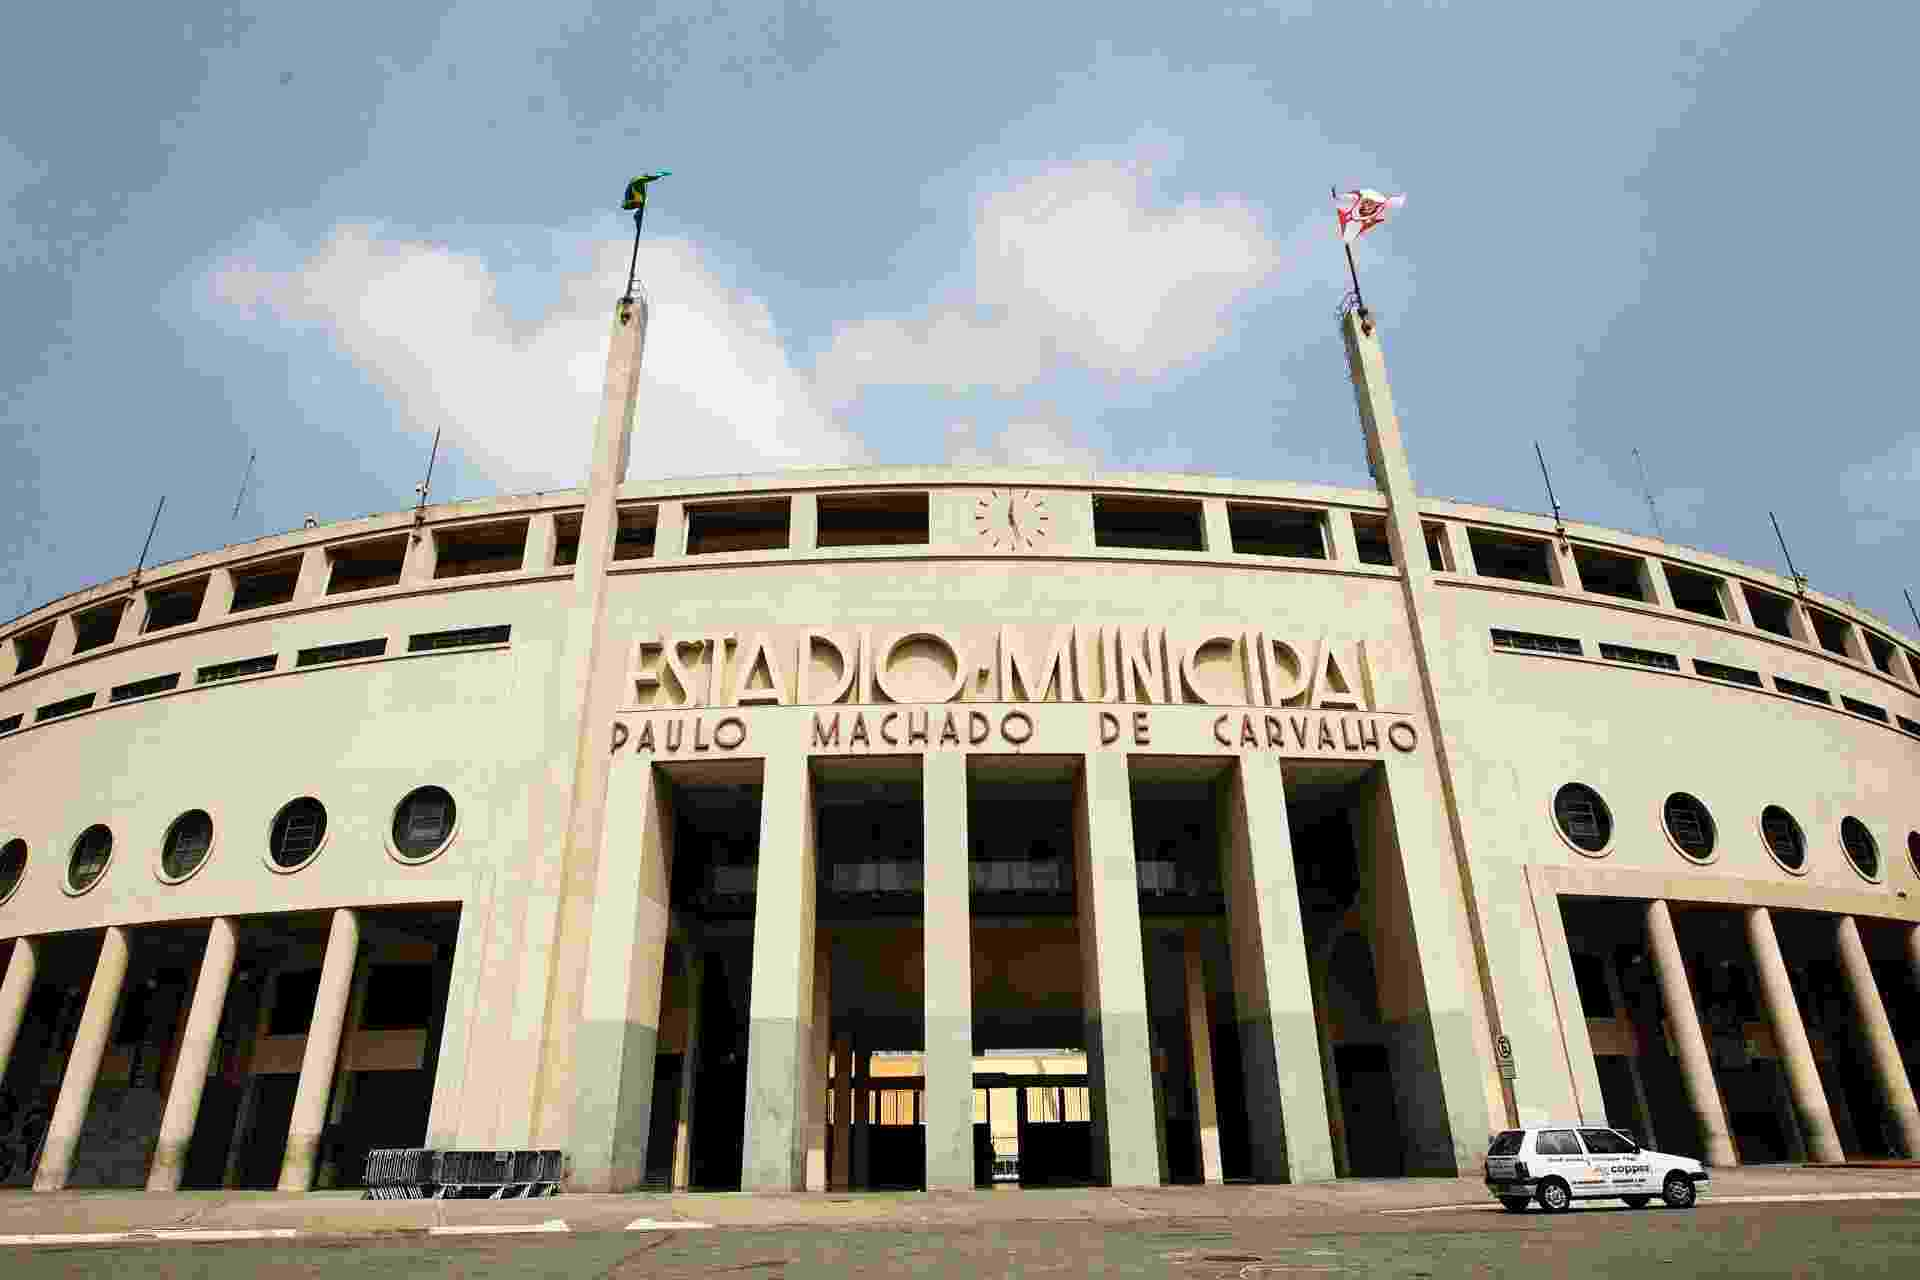 Palmeiras inaugurou o Estádio do Pacaembu com uma vitória em cima do Coritiba, em 1940. - Reinaldo Canato/UOL